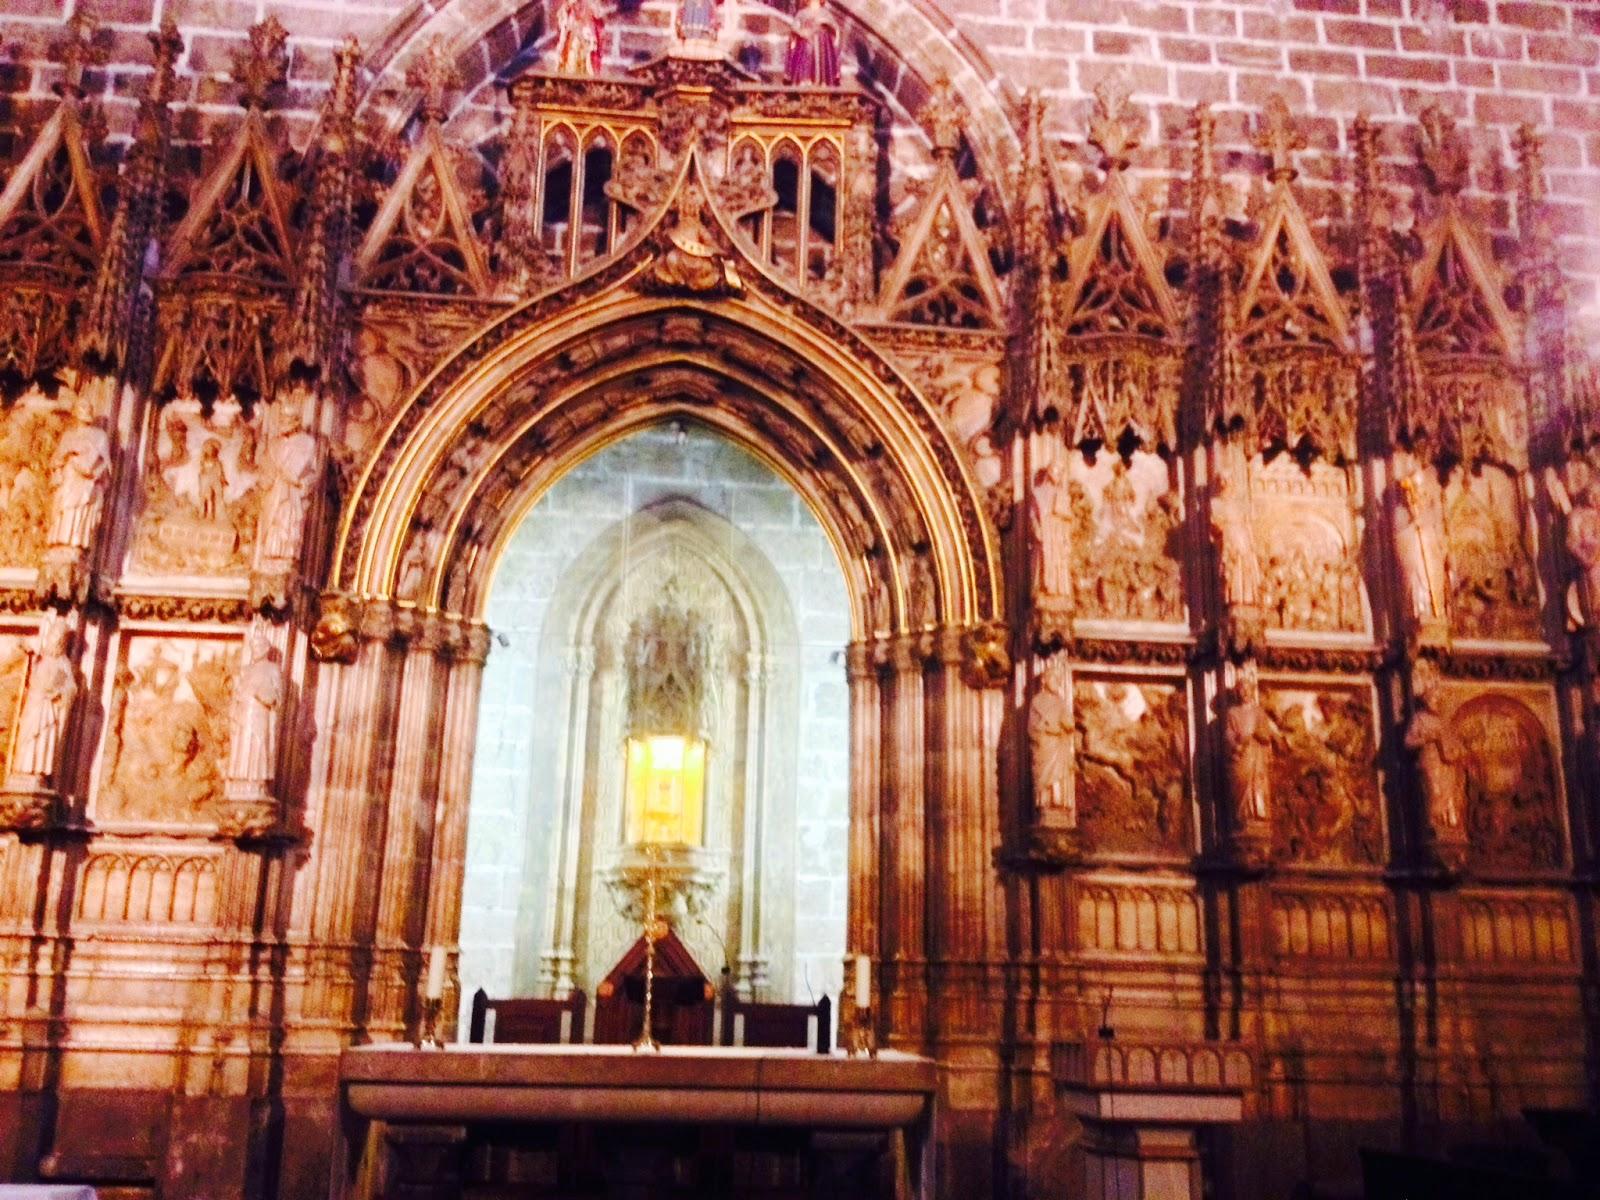 Los frescos ocultos de la catedral de valencia nivel b 1 for Interior sinonimos